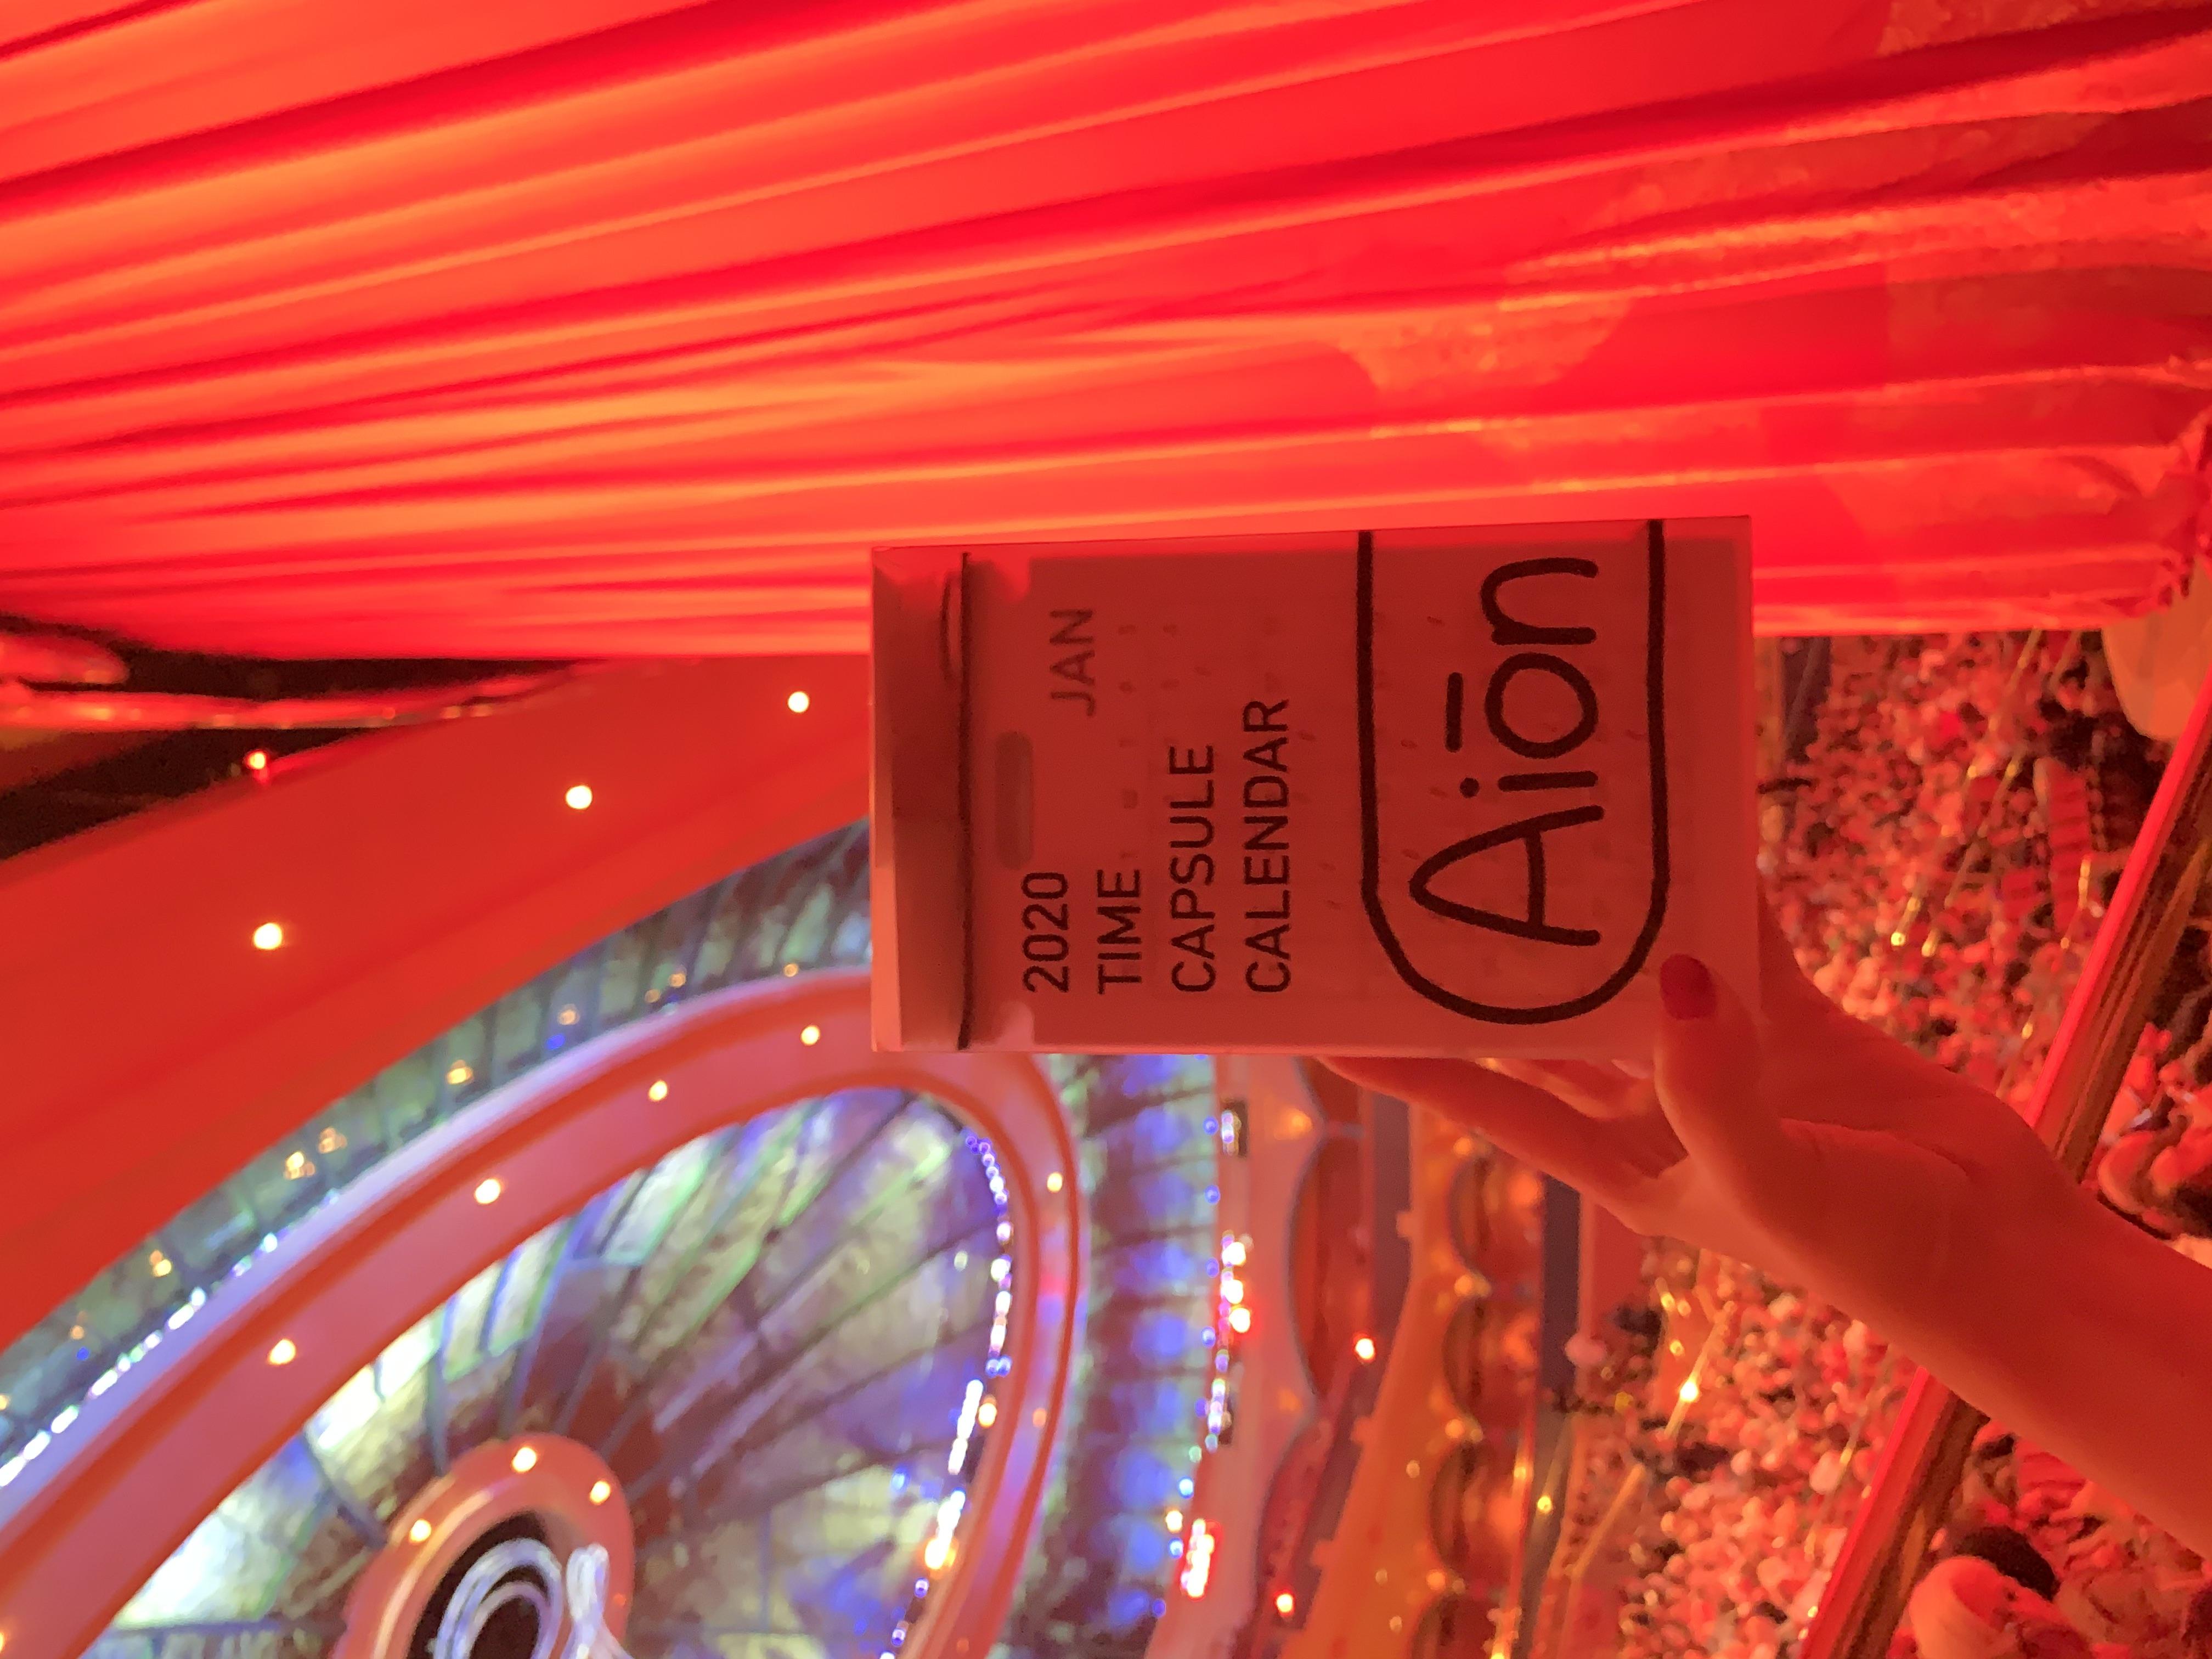 Las Vegas - Cirque du Soleil Theater